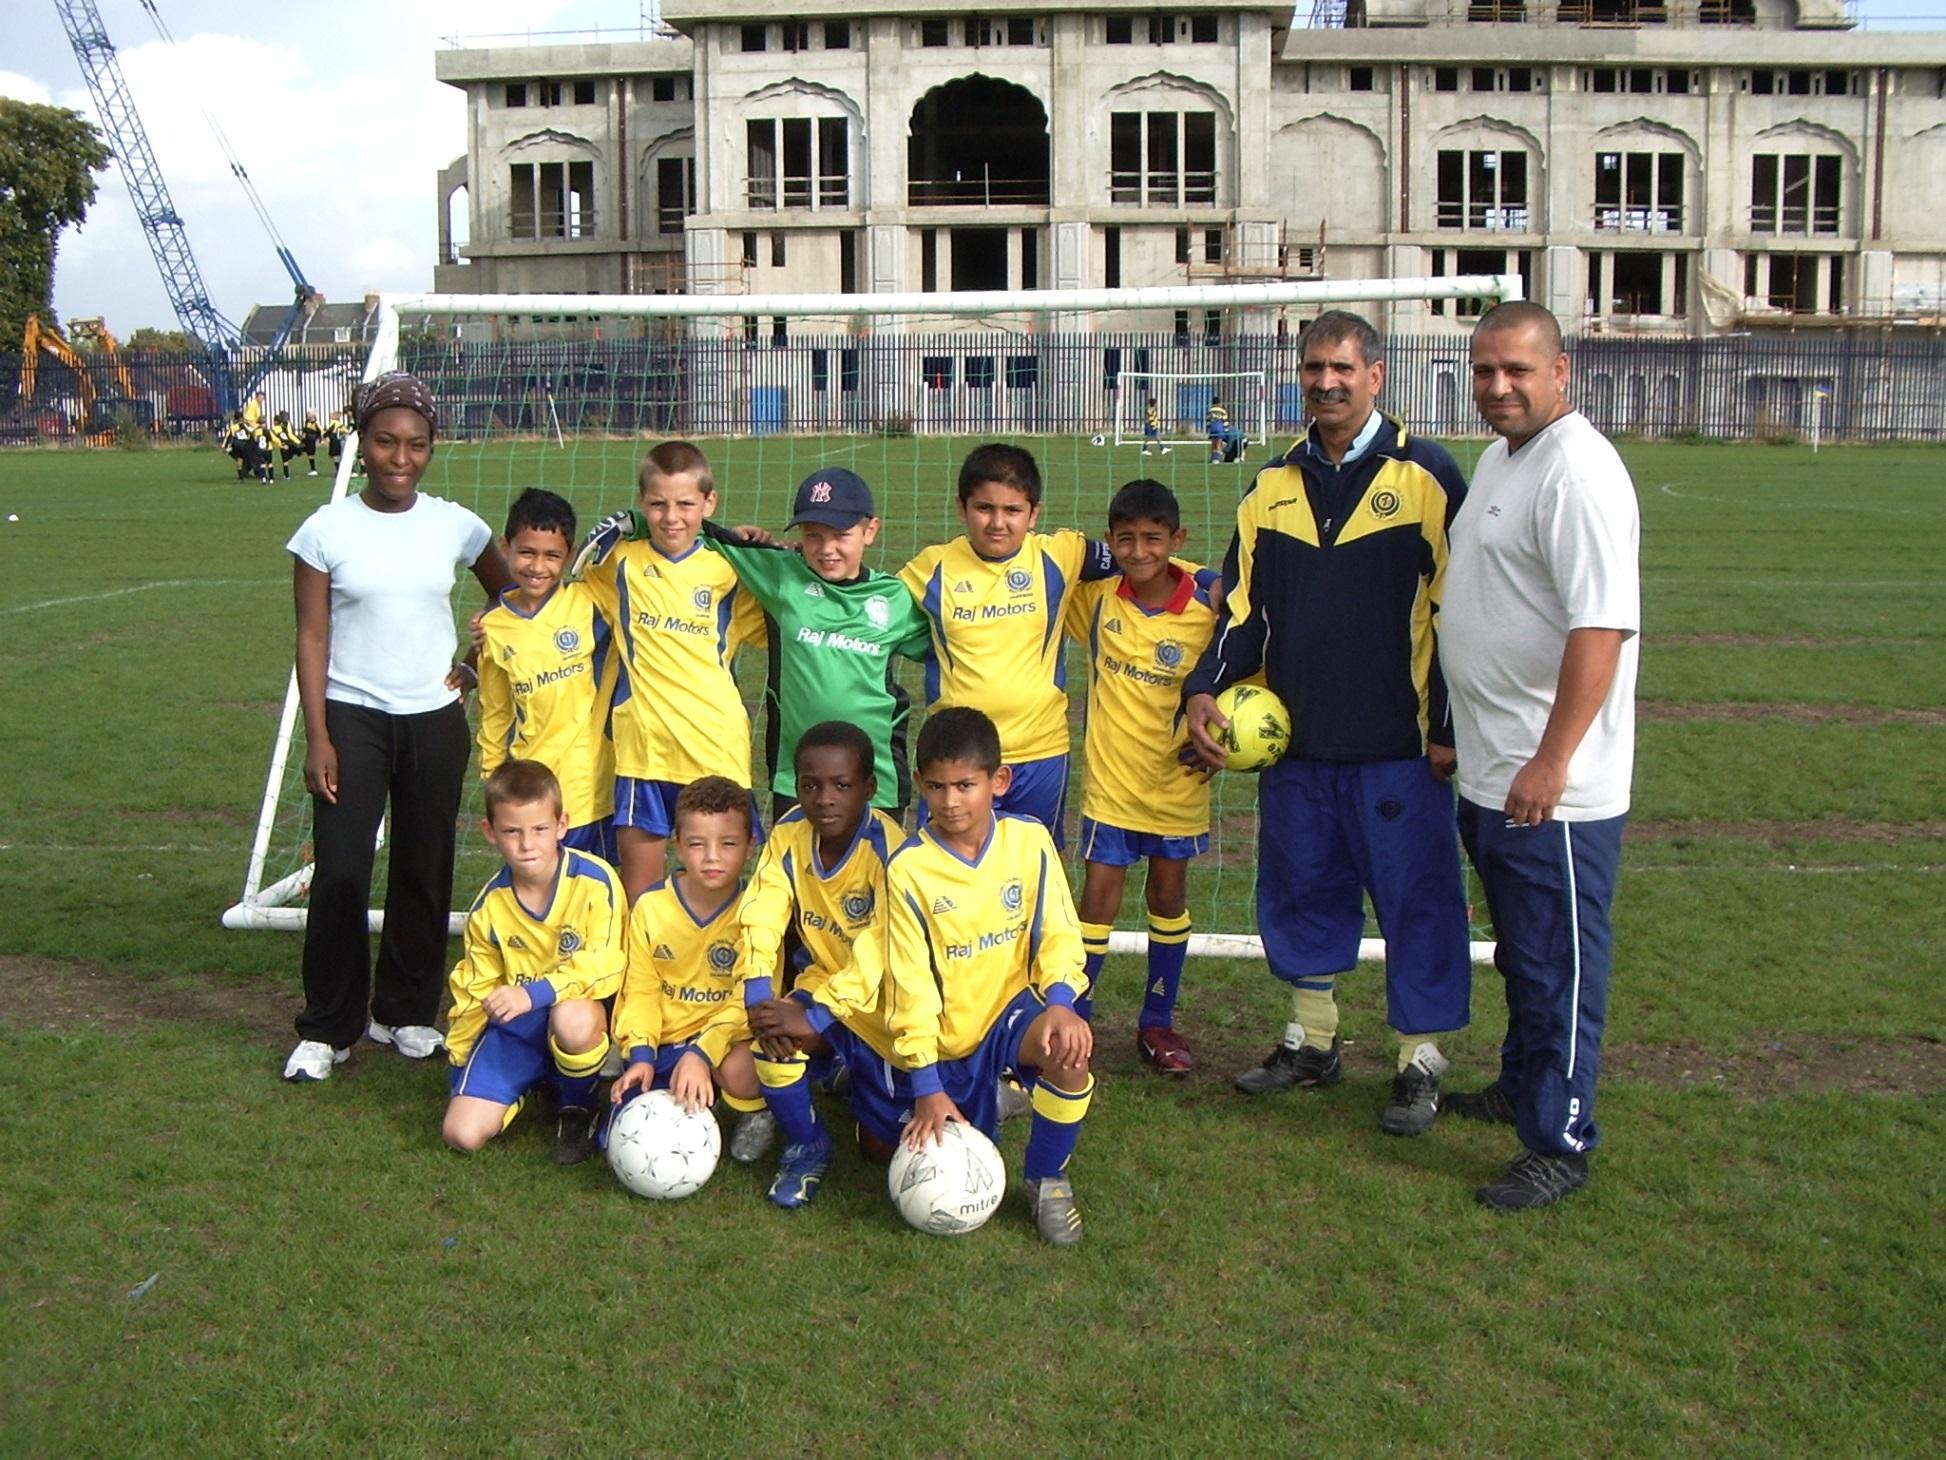 Under 9s B Team 2006-7